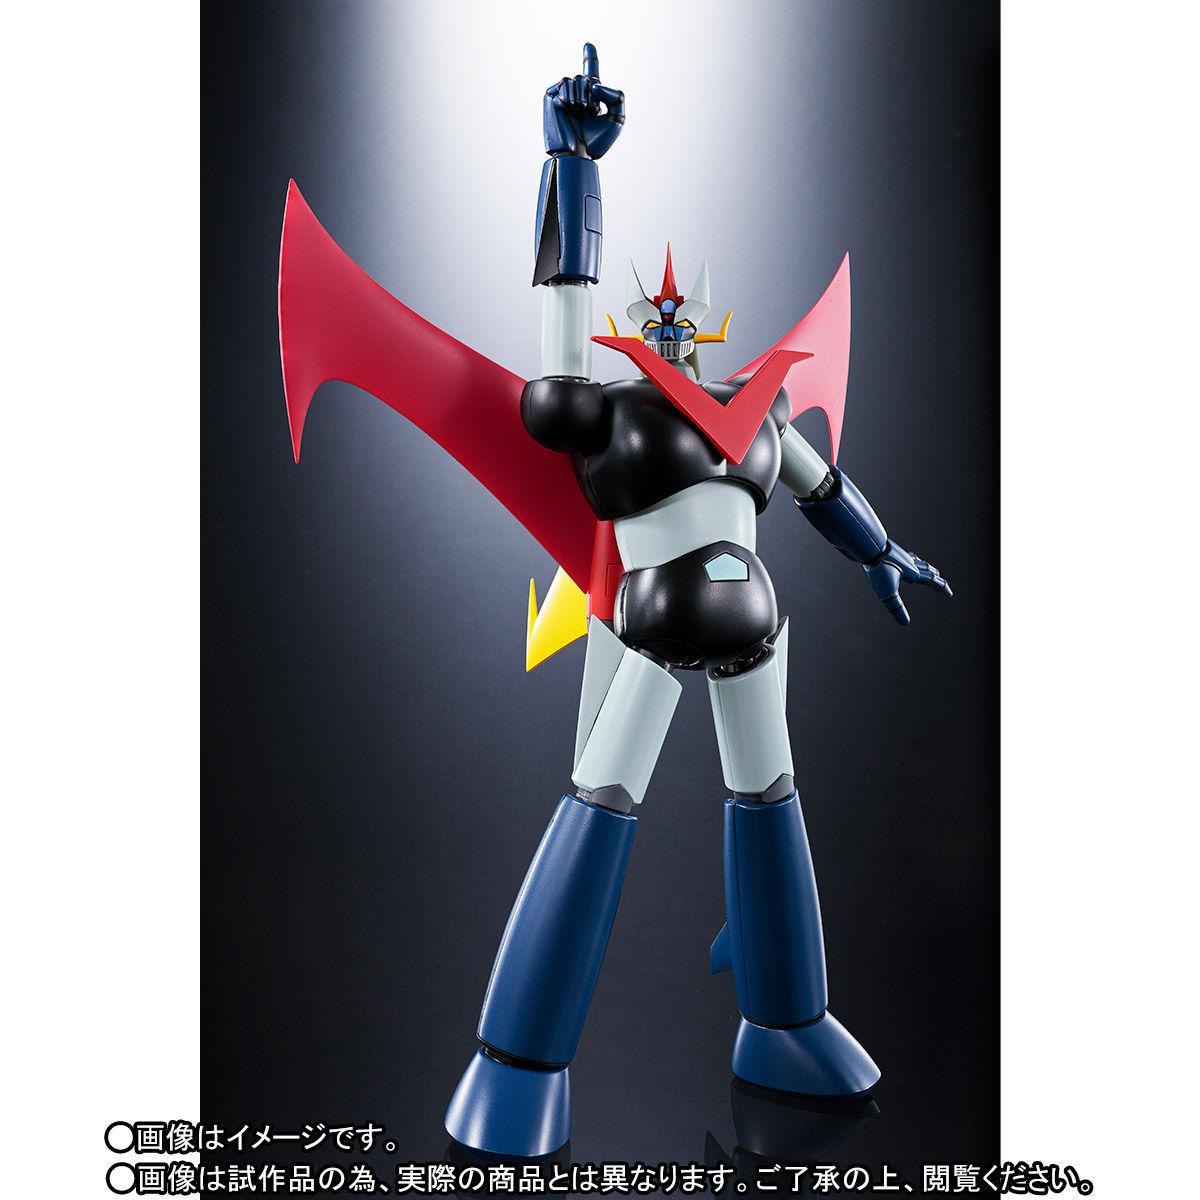 超合金魂 GX-73SP『グレートマジンガー D.C. アニメカラーバージョン』可動フィギュア-006